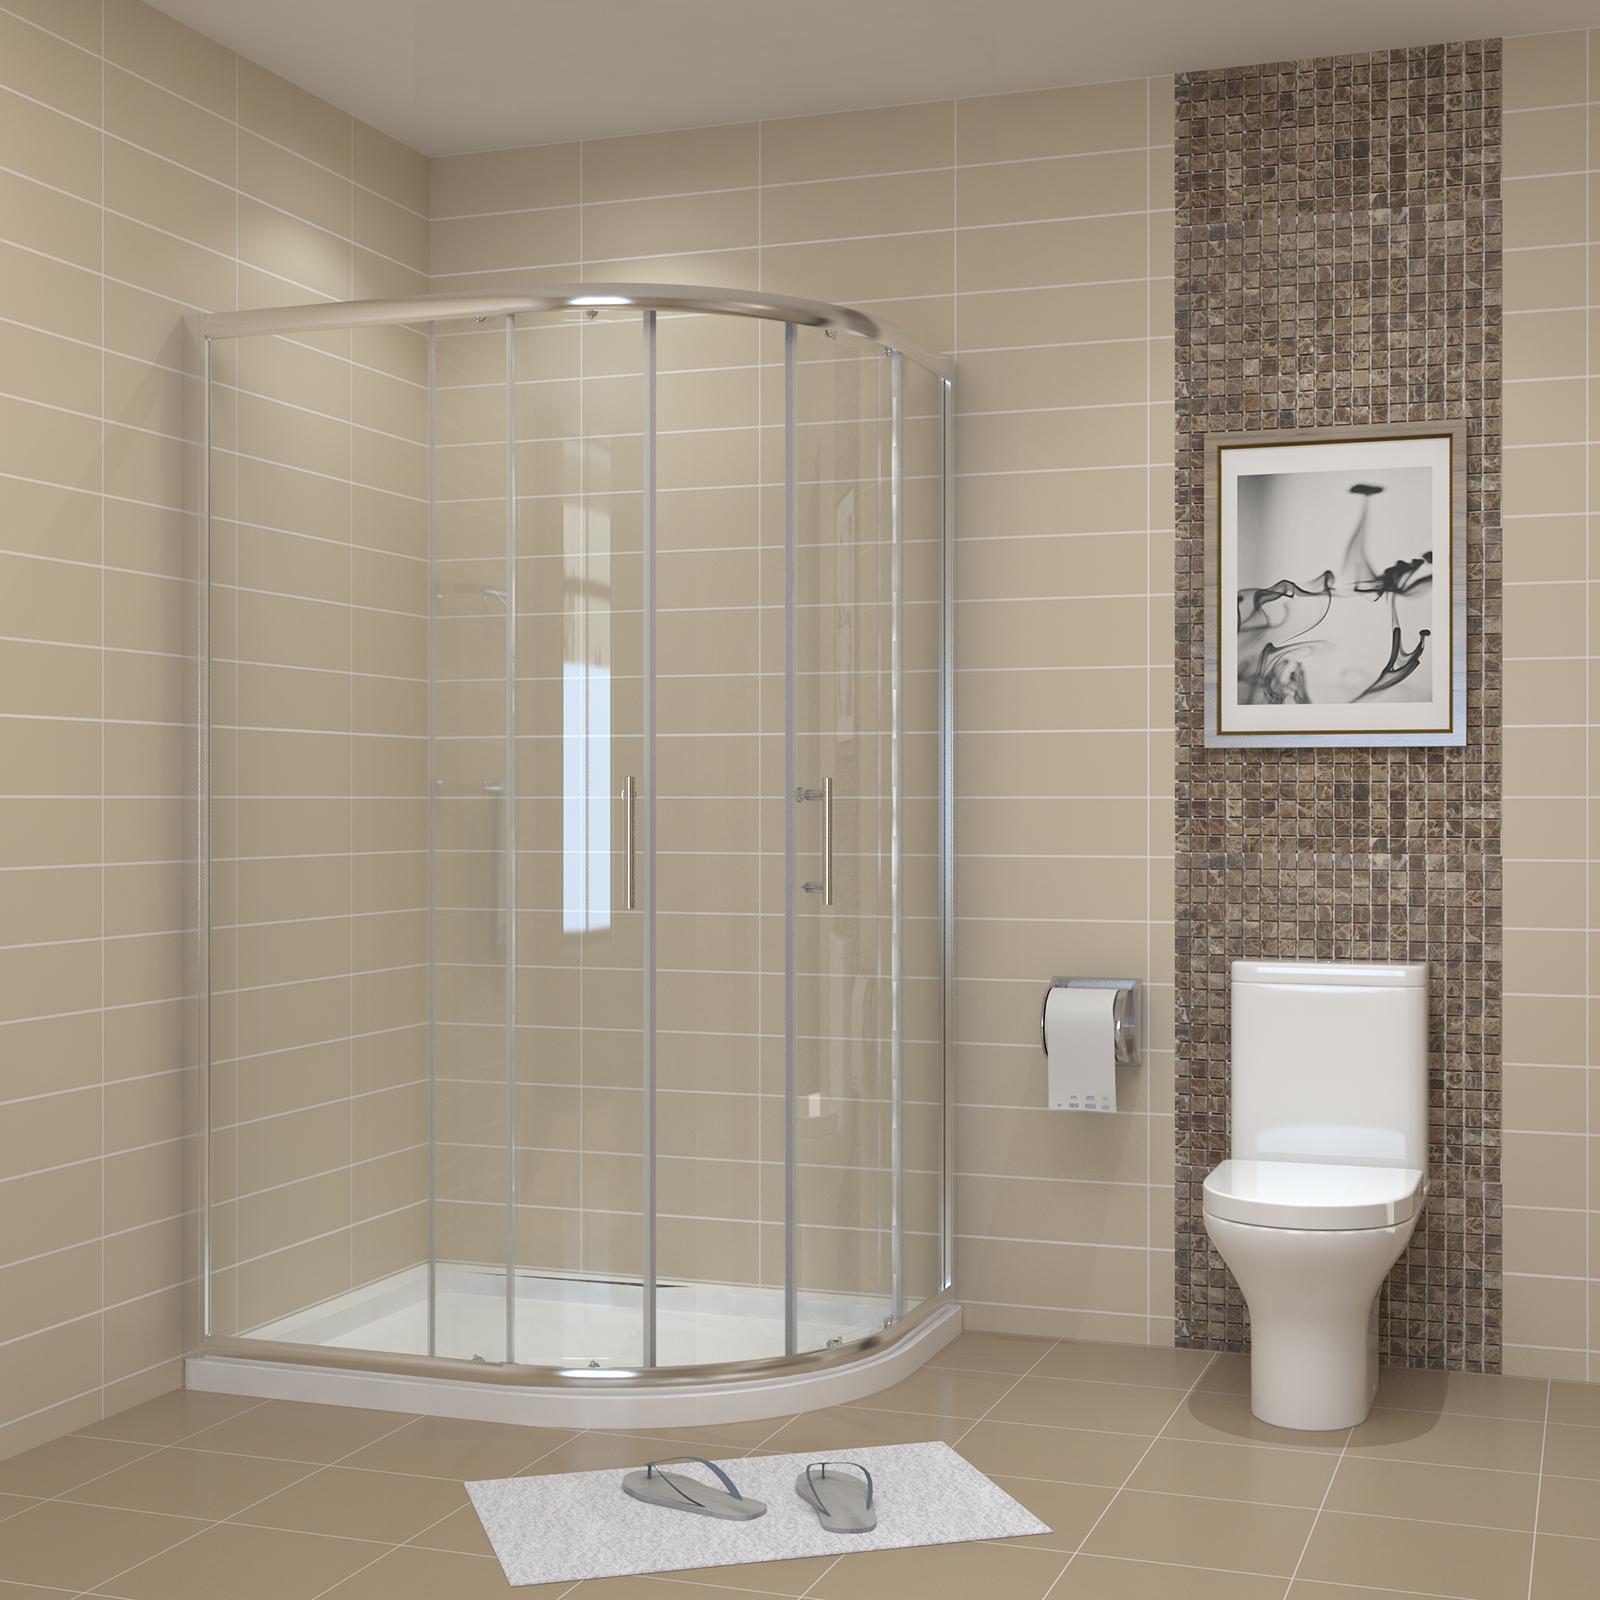 duschkabine viertelkreis runddusche duschabtrennung schiebet r duschtasse ebay. Black Bedroom Furniture Sets. Home Design Ideas